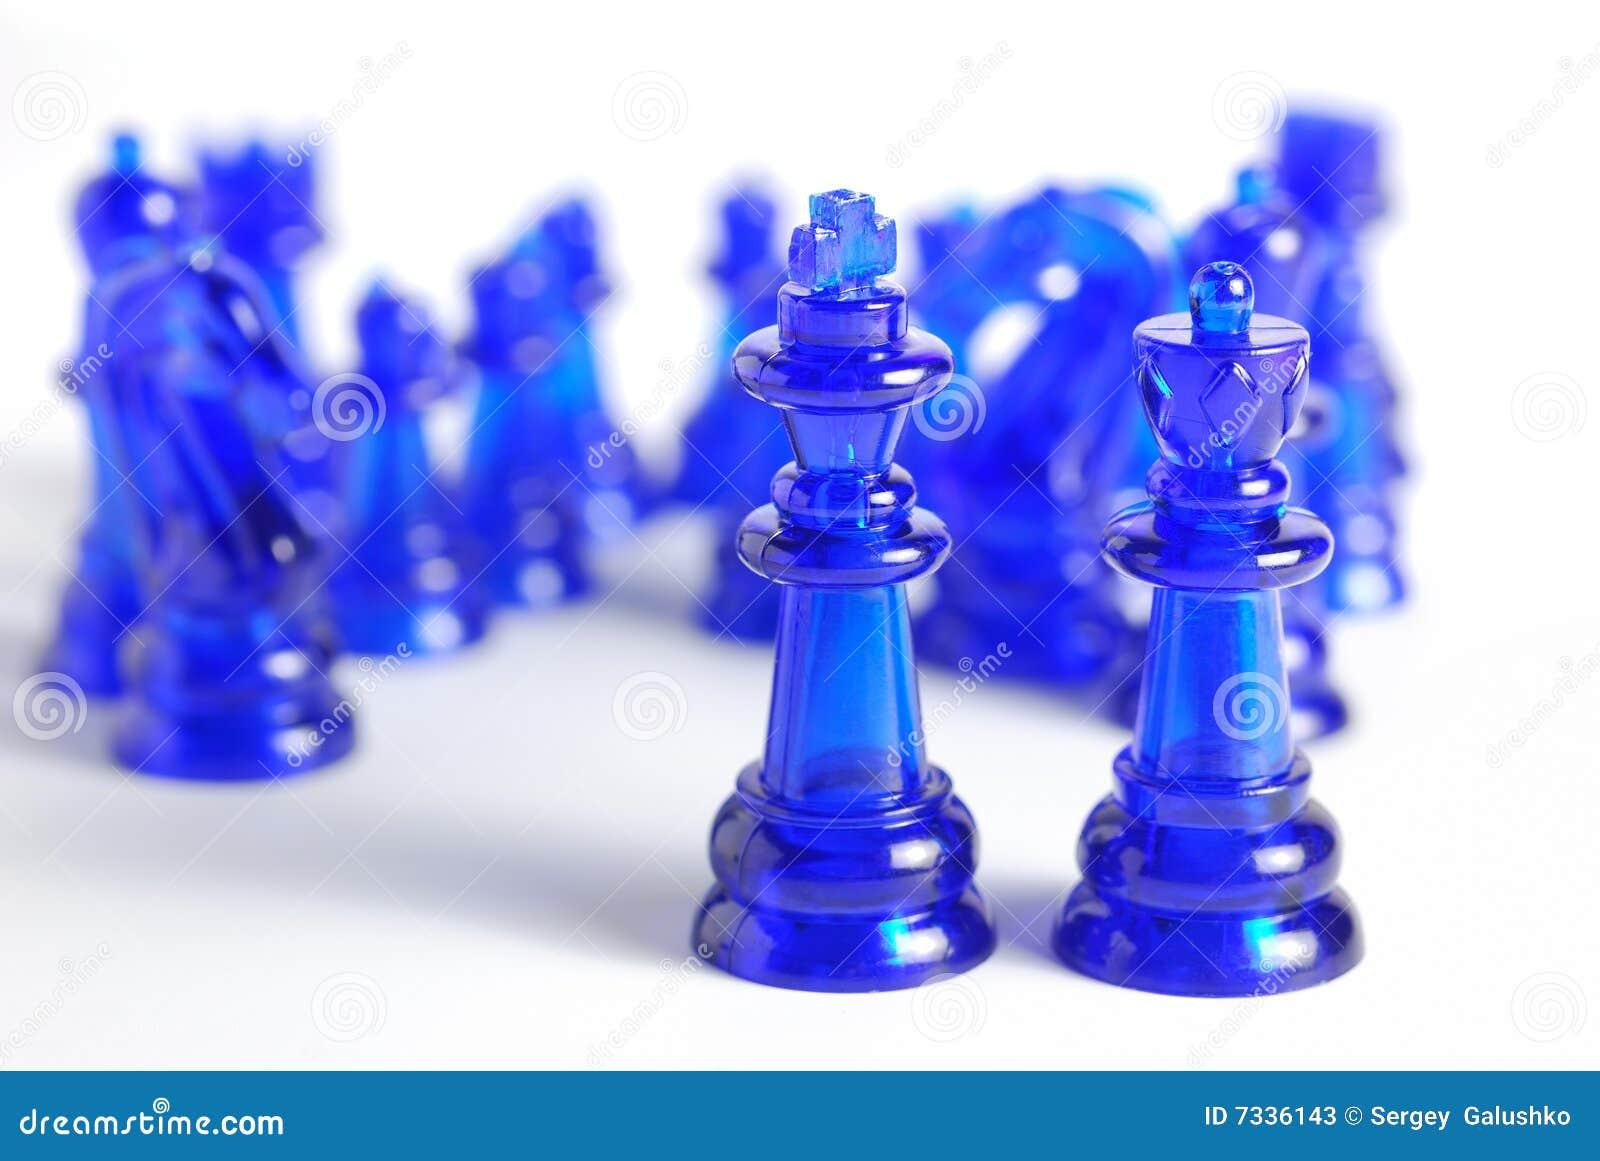 Figura di scacchi